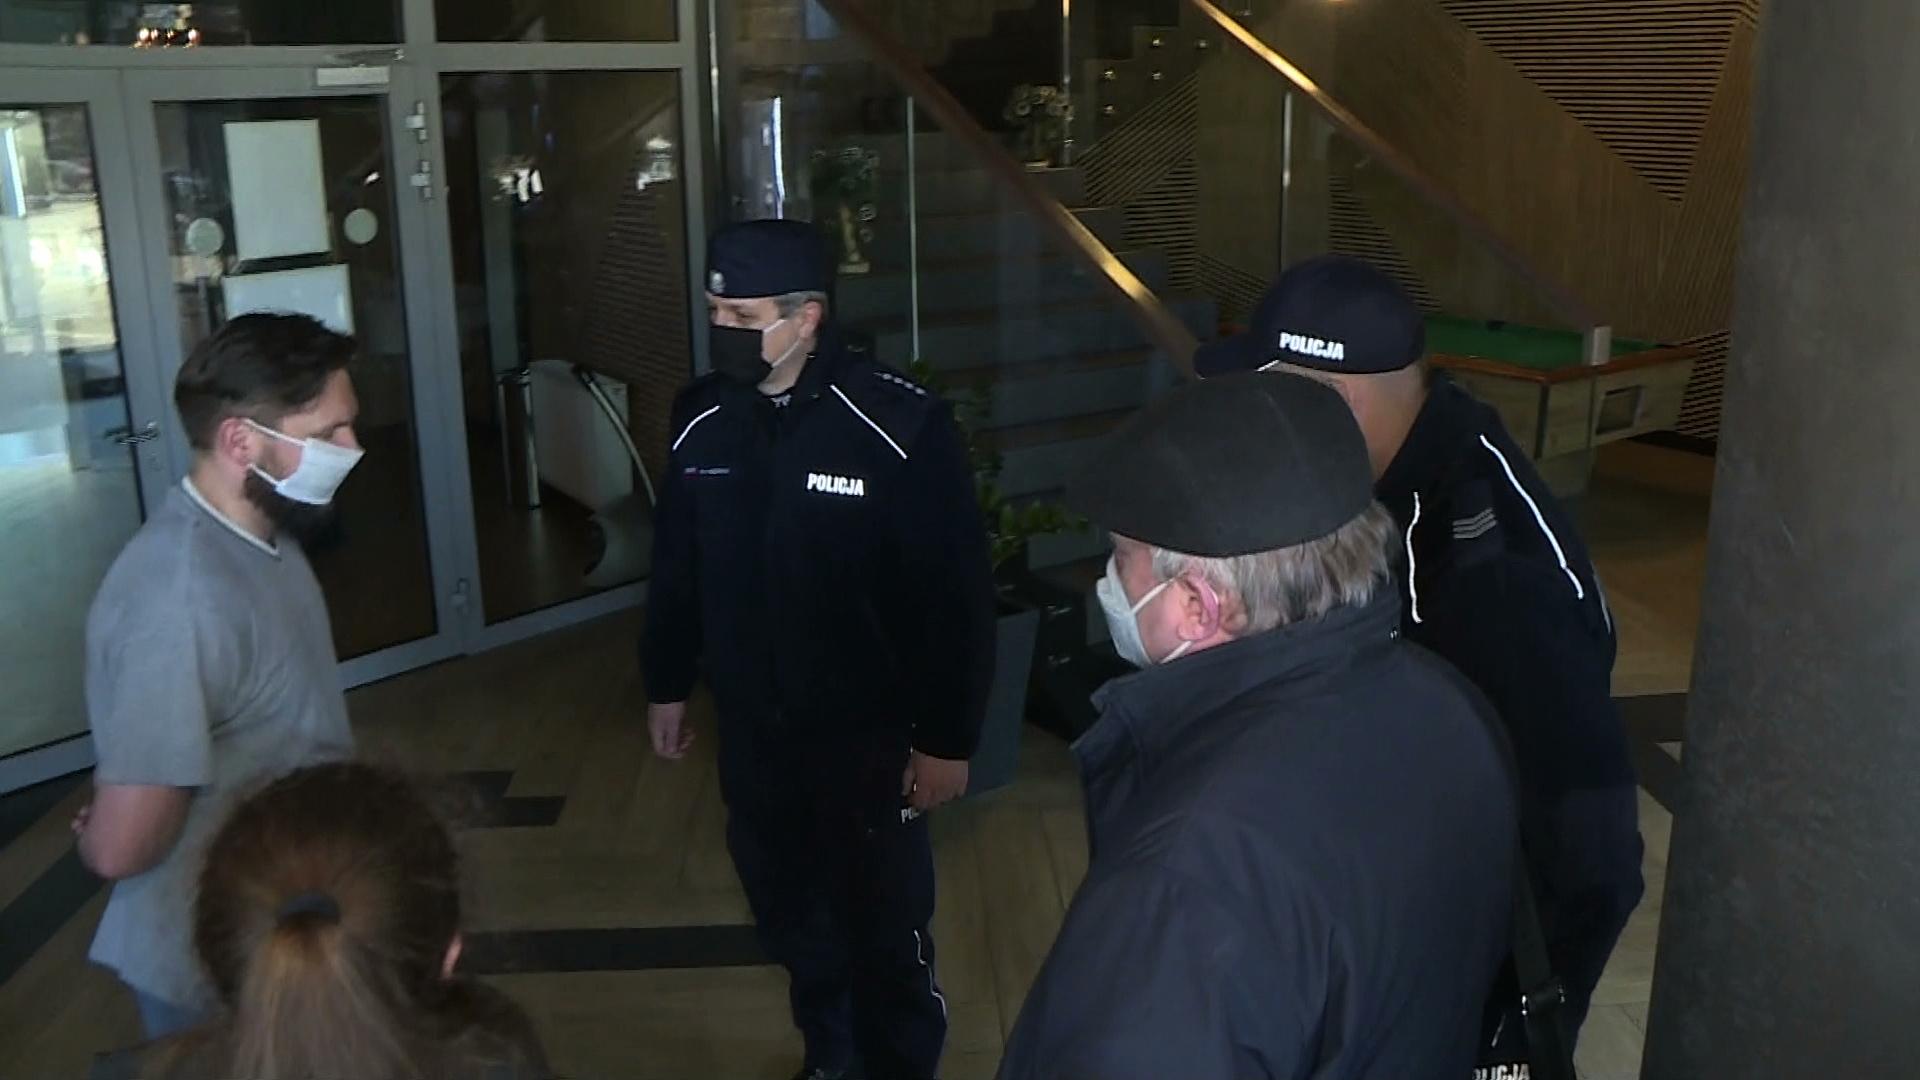 29.12.2020 | Policja ruszyła z kontrolami w hotelach i pensjonatach